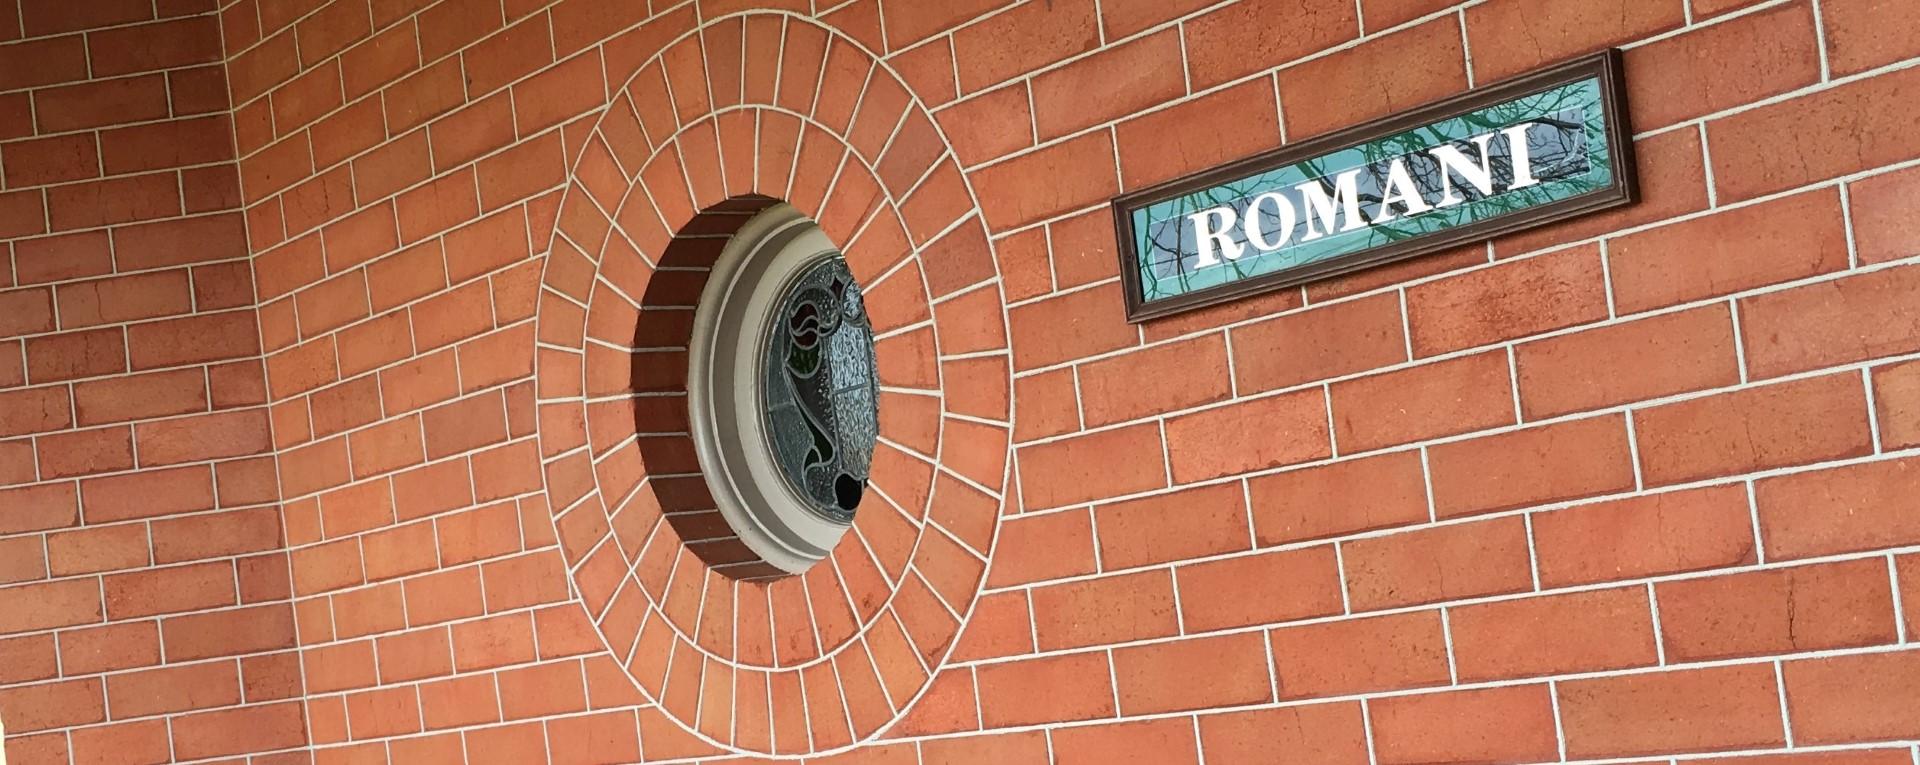 Fresh Tuckpointing to 'Romani' Hamilton, Newcastle